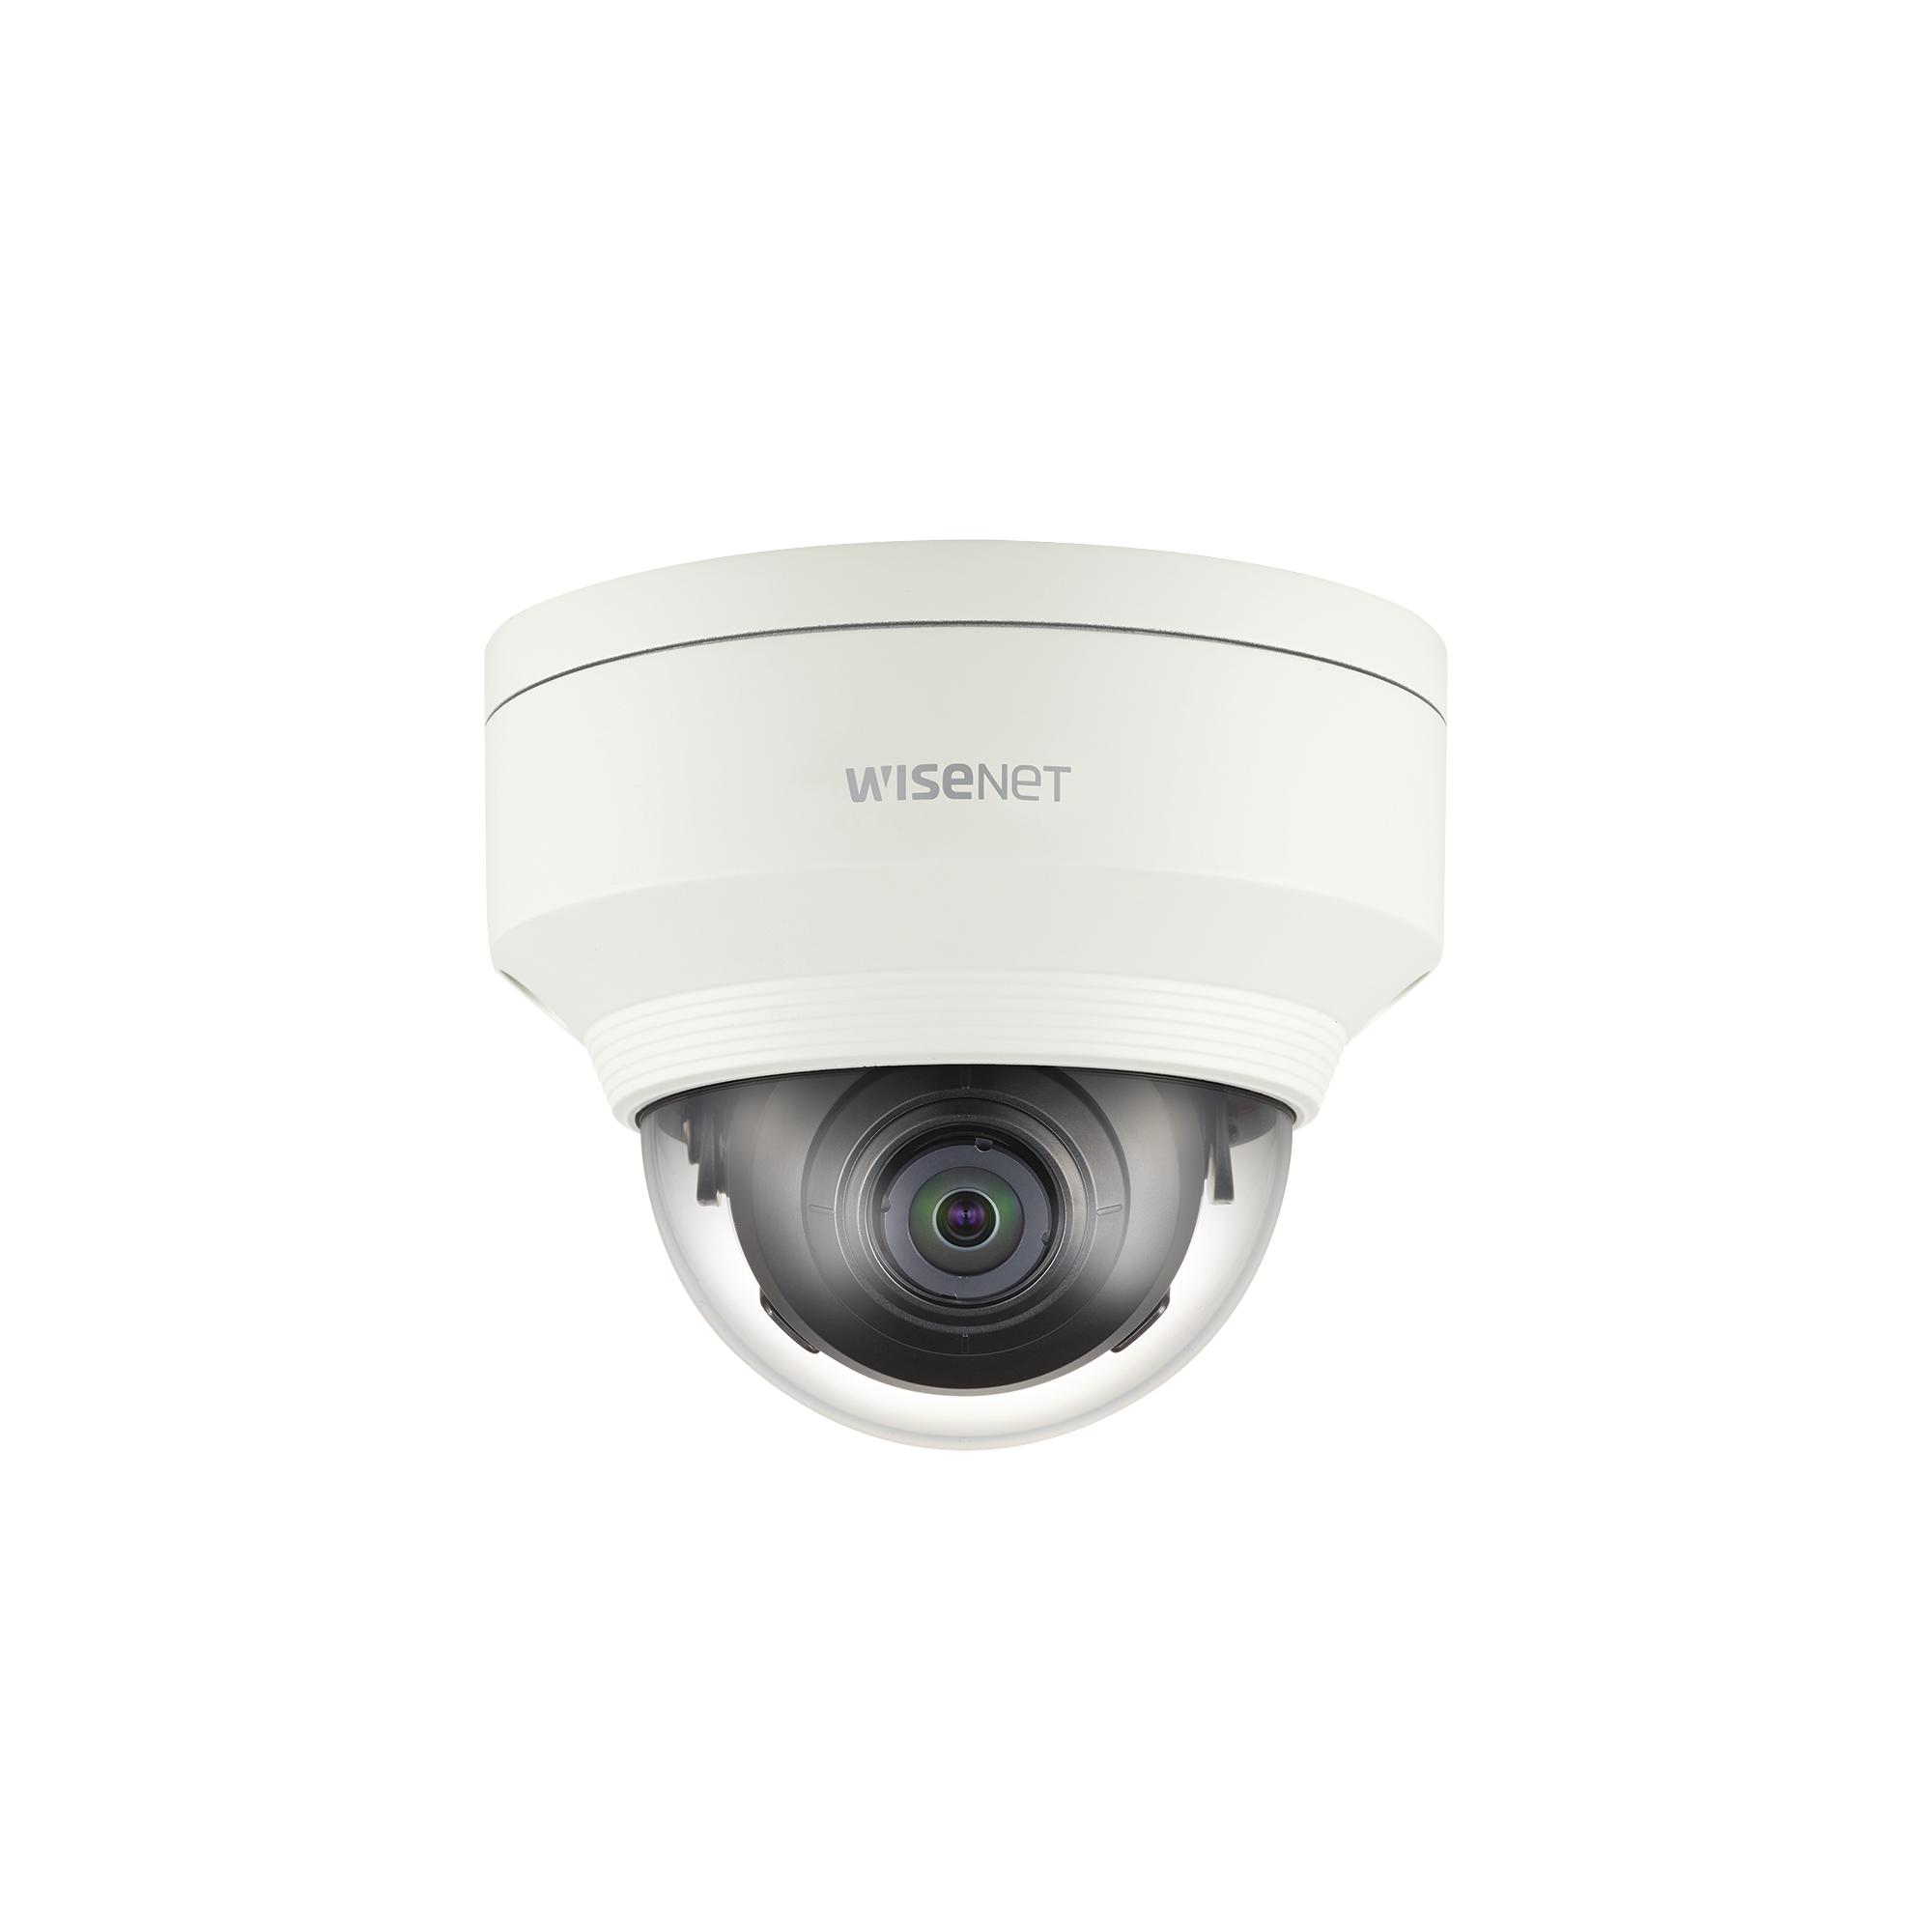 Cámara IP Domo Interior 2MP / Lente 2.4mm / WDR 150db / H.265 & WiseStream / IK08 / Conteo de Personas